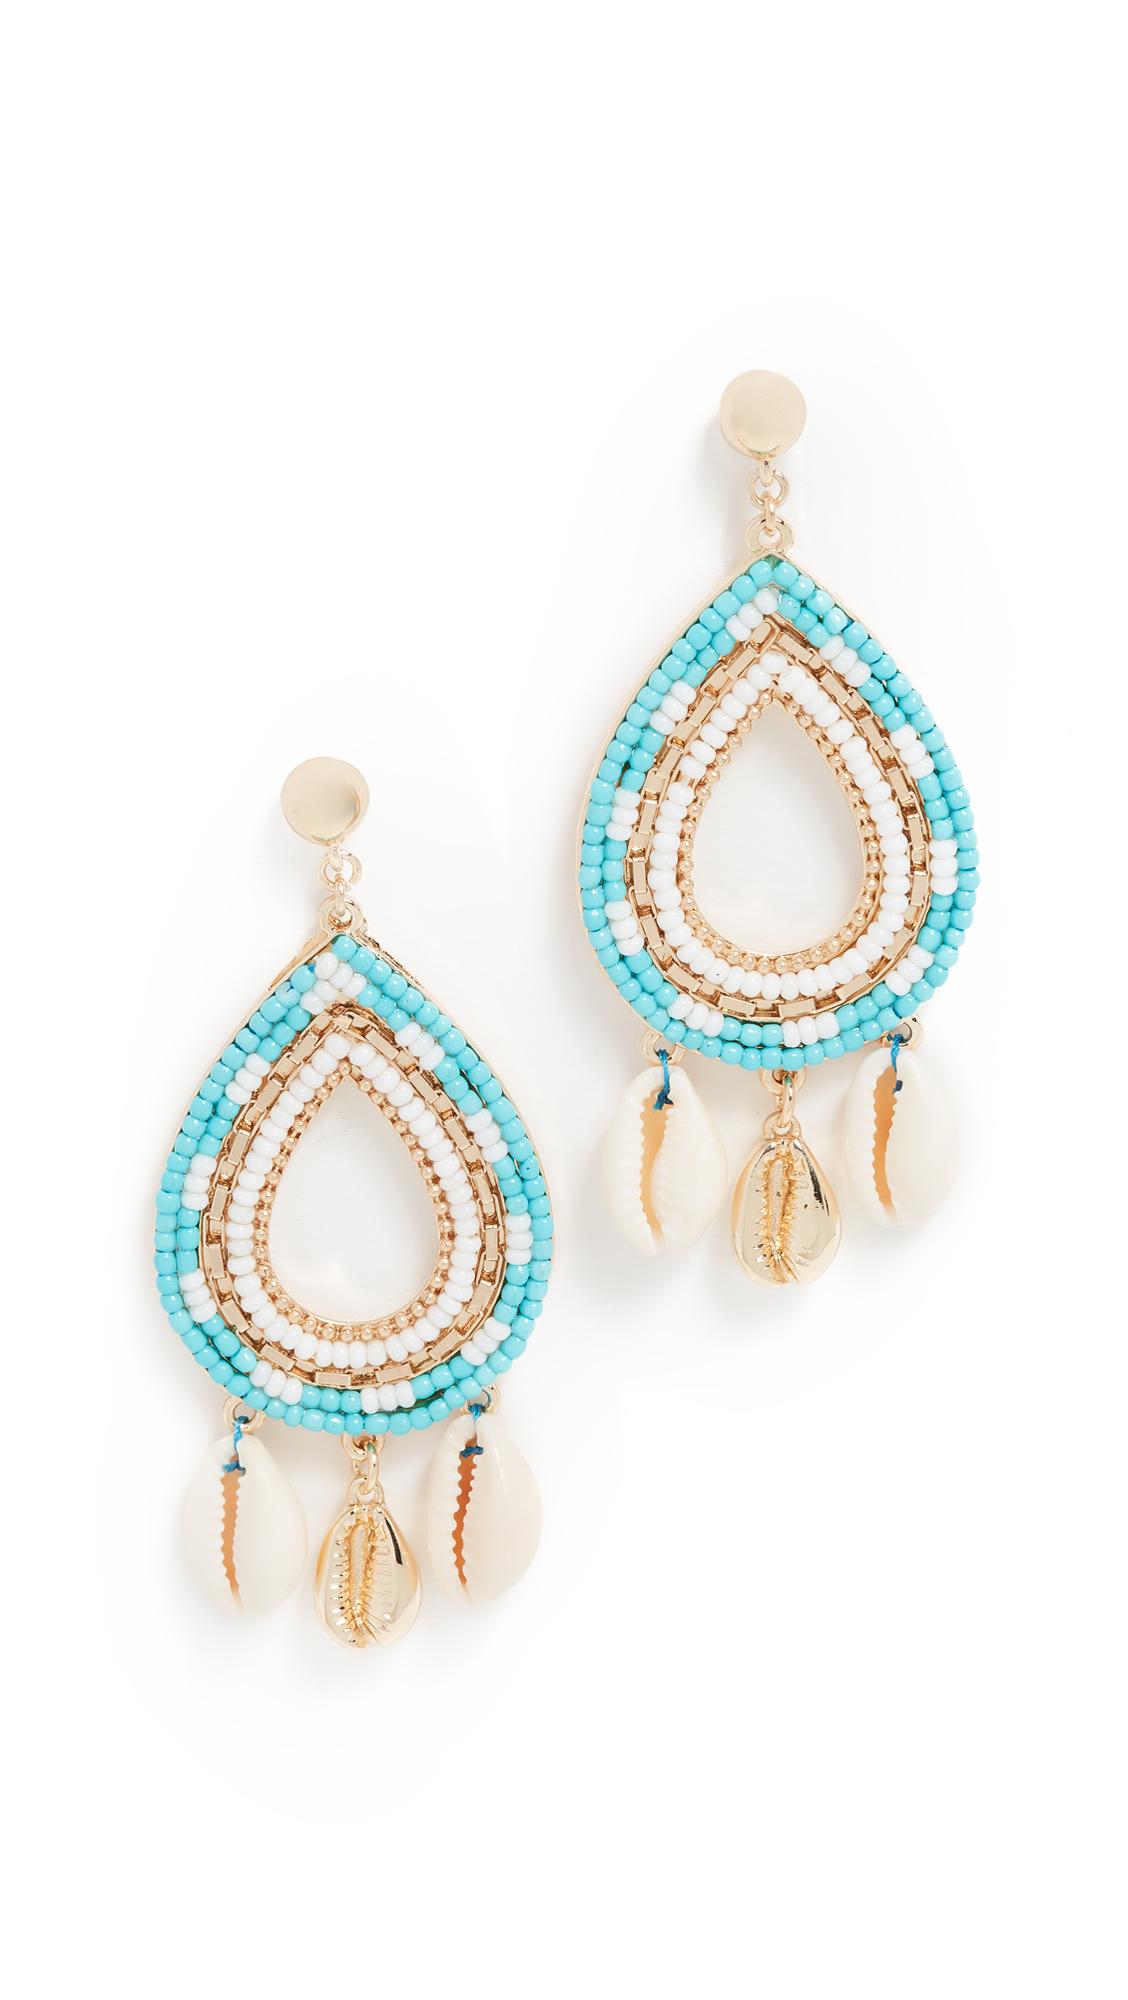 Rebecca Minkoff Louisa Chandelier Earrings - Turquoise